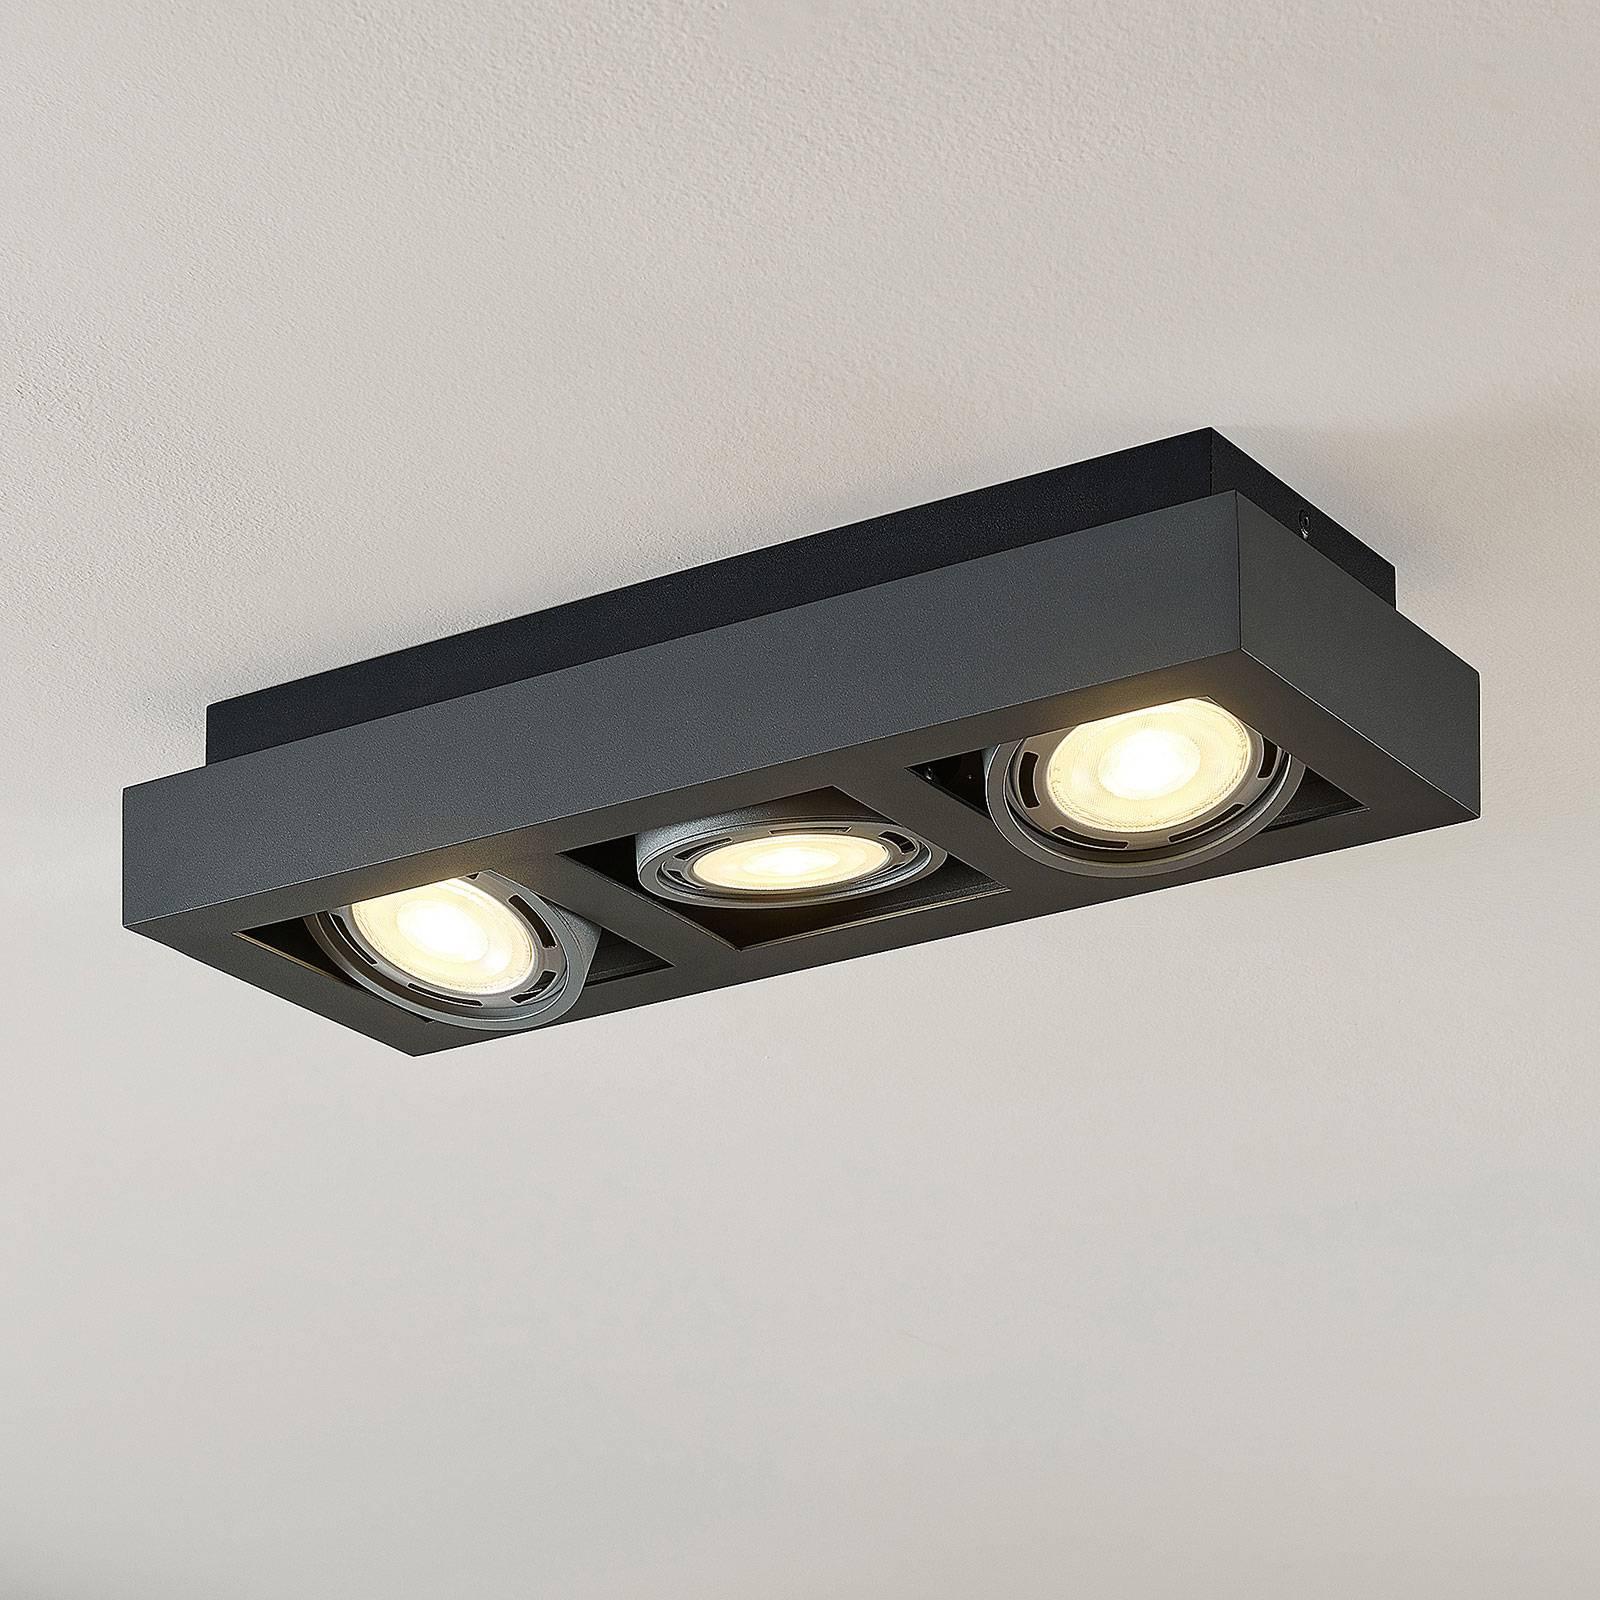 LED-kattospotti Ronka, GU10, 3-lampp., t.harmaa